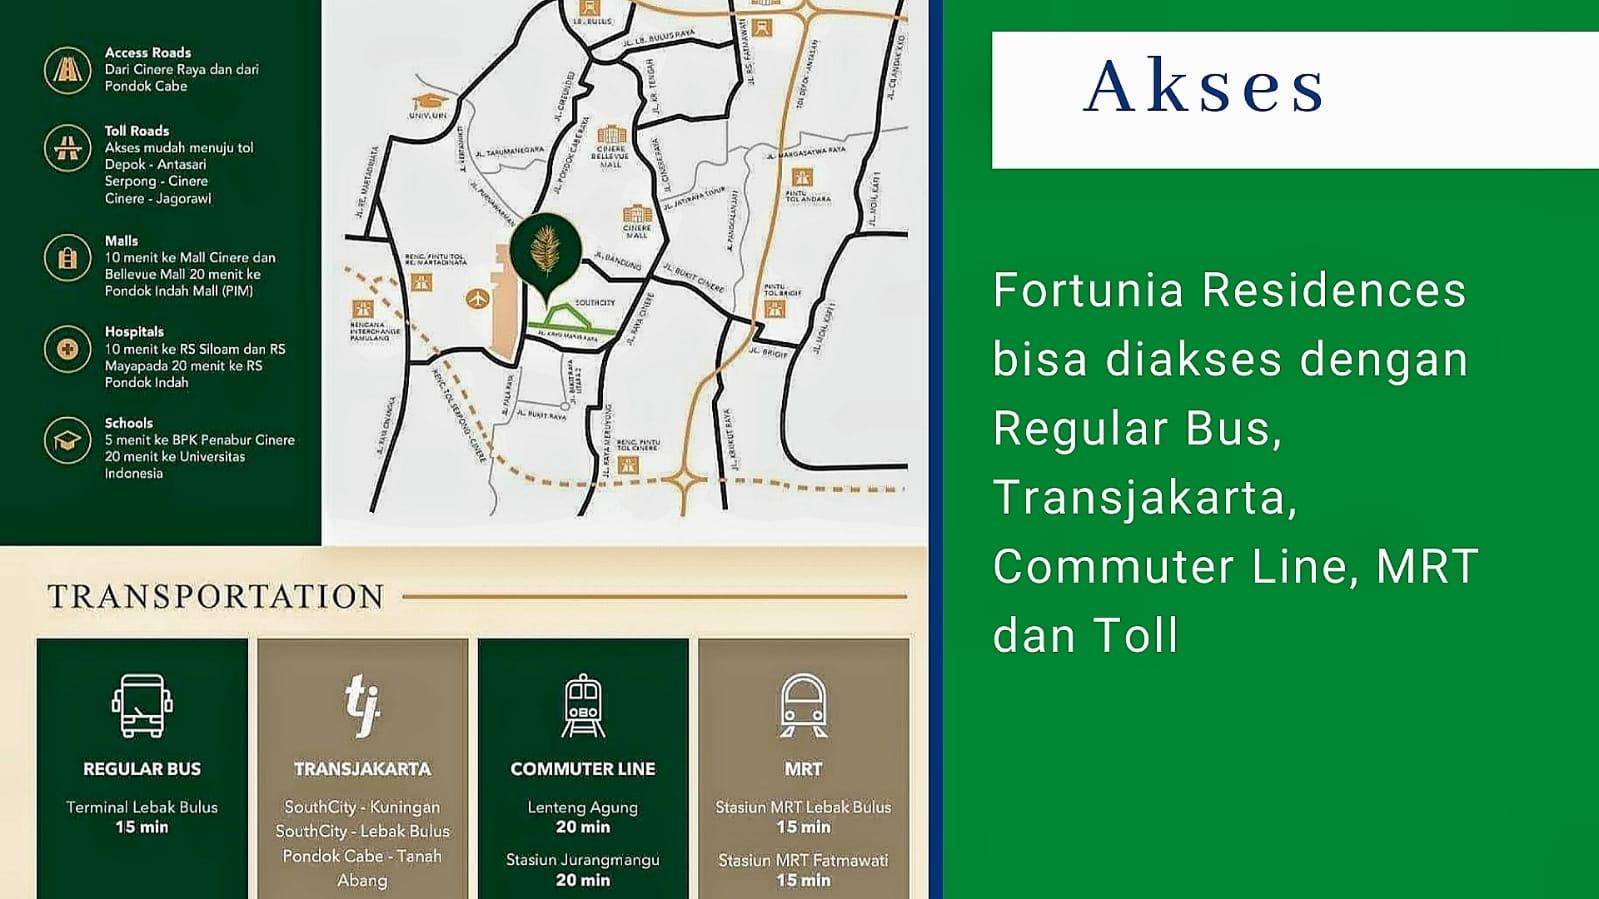 akses menuju fortunia residences